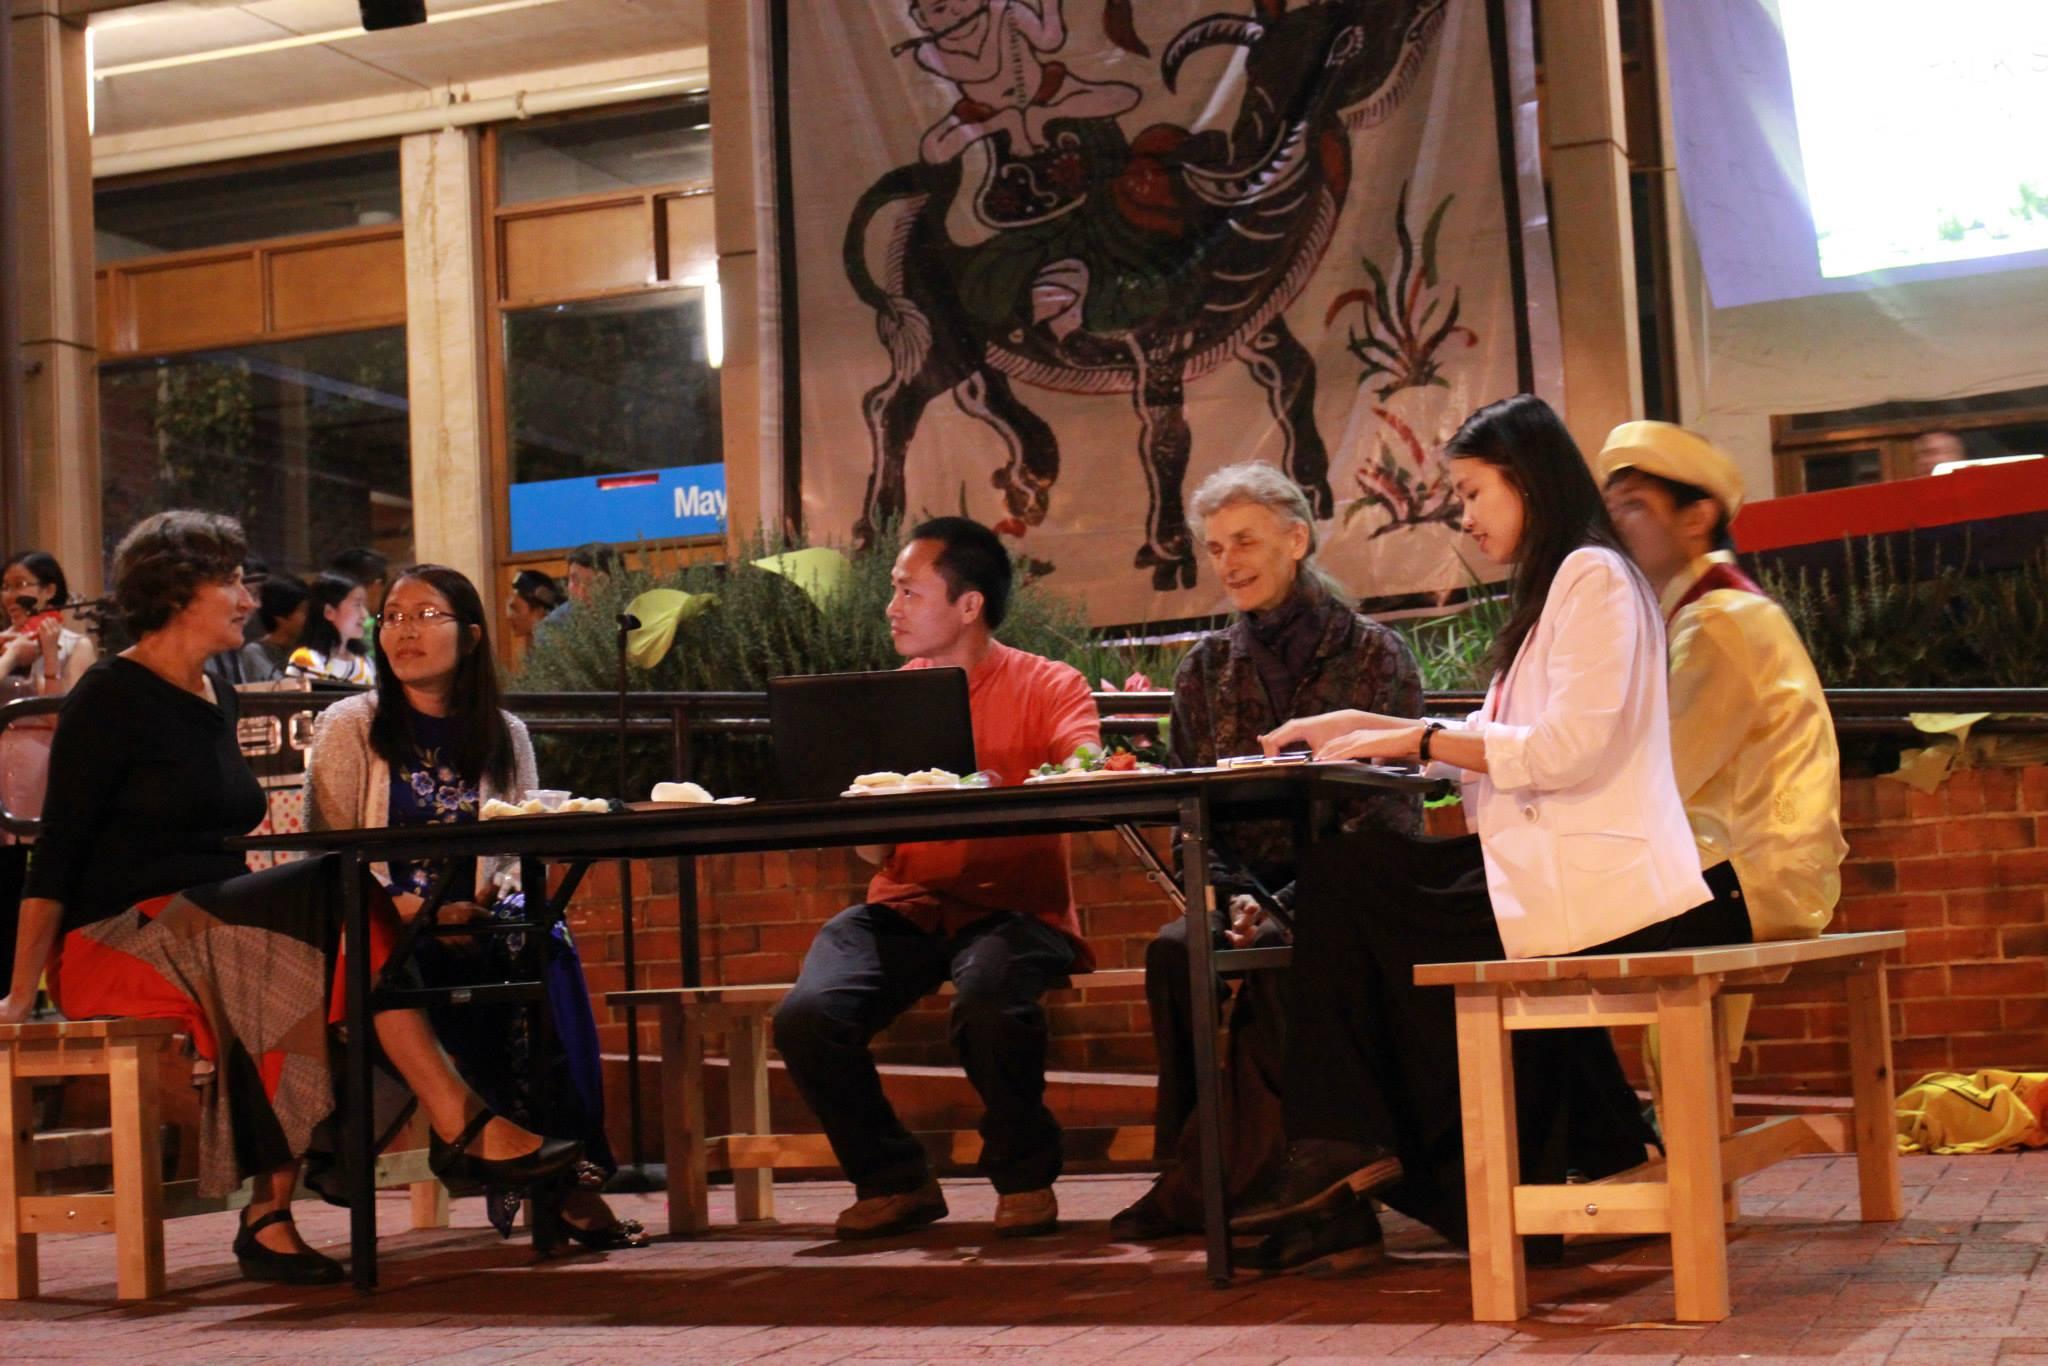 Vietnamese Festival 2014 tại Adelaide – Nơi tôn vinh văn hóa và bản sắc Việt